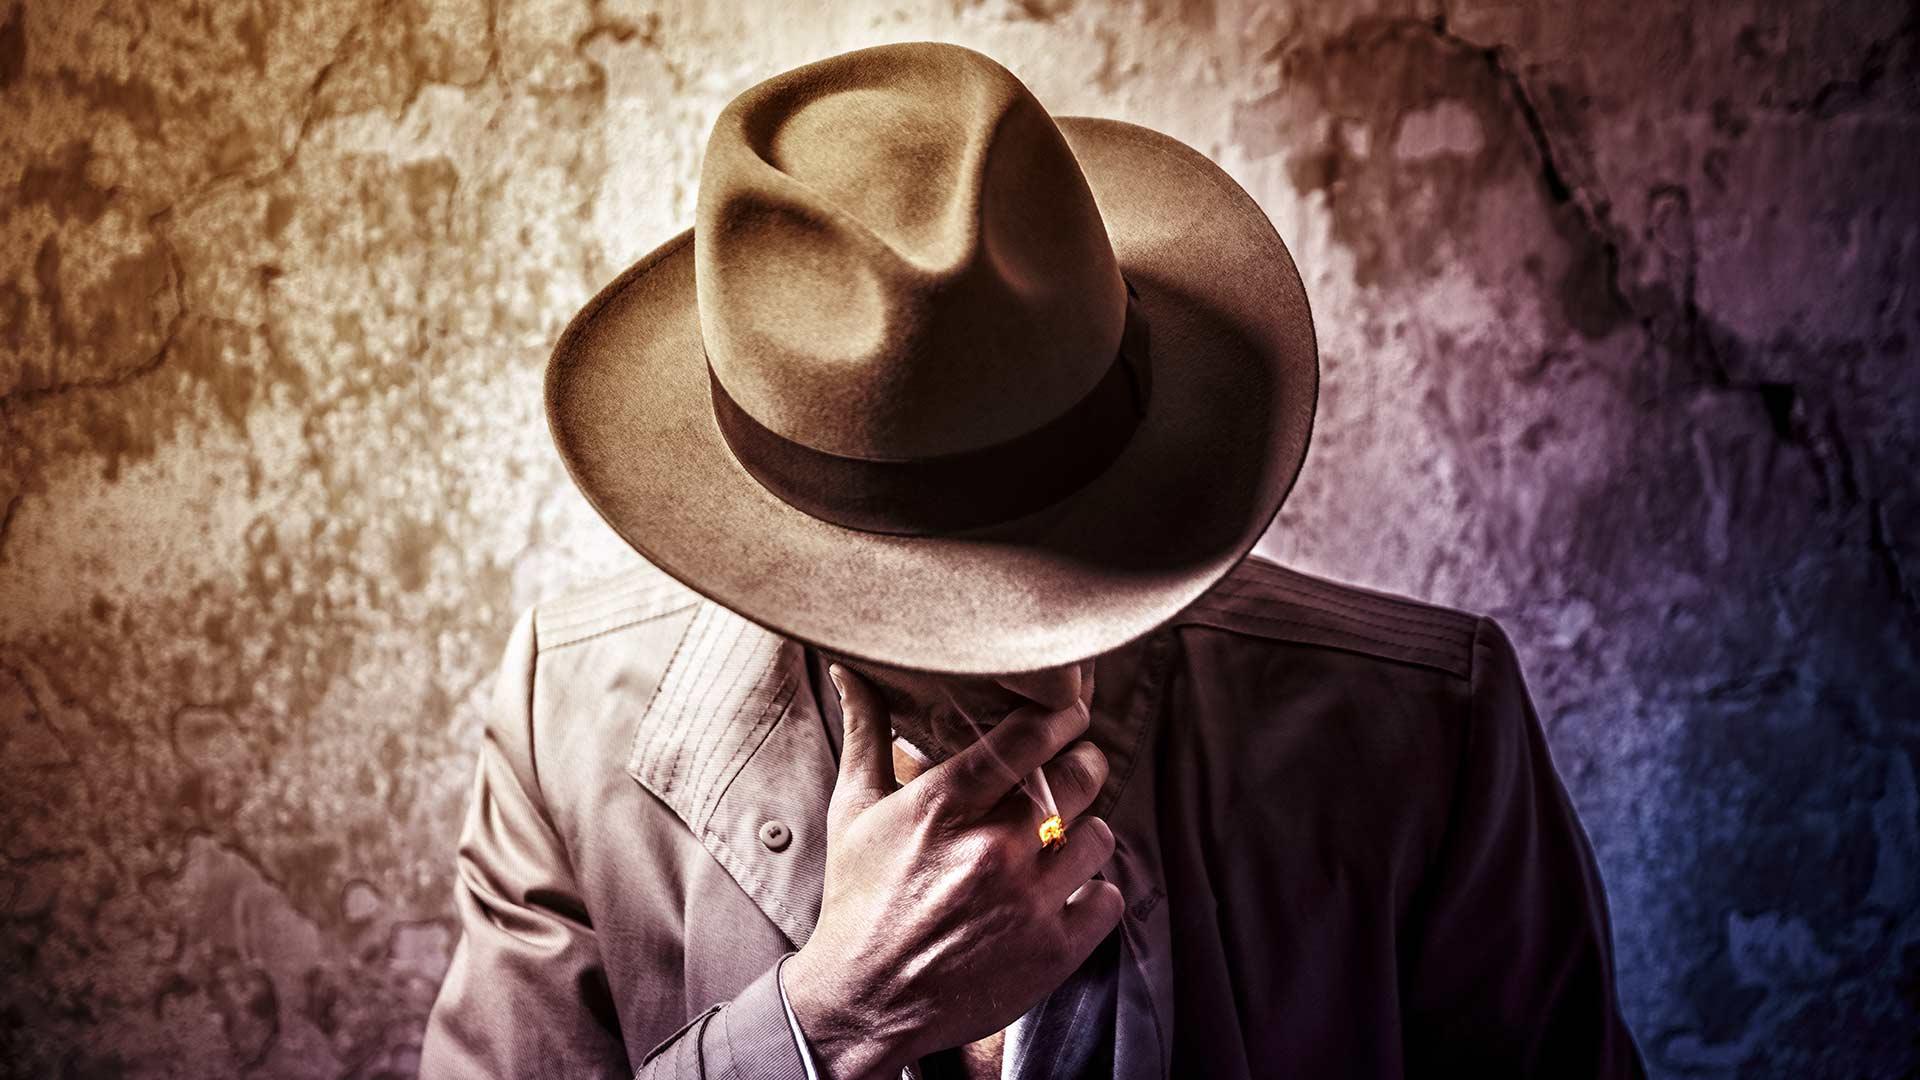 Film Noir Fotoshooting: Motiv Detektiv